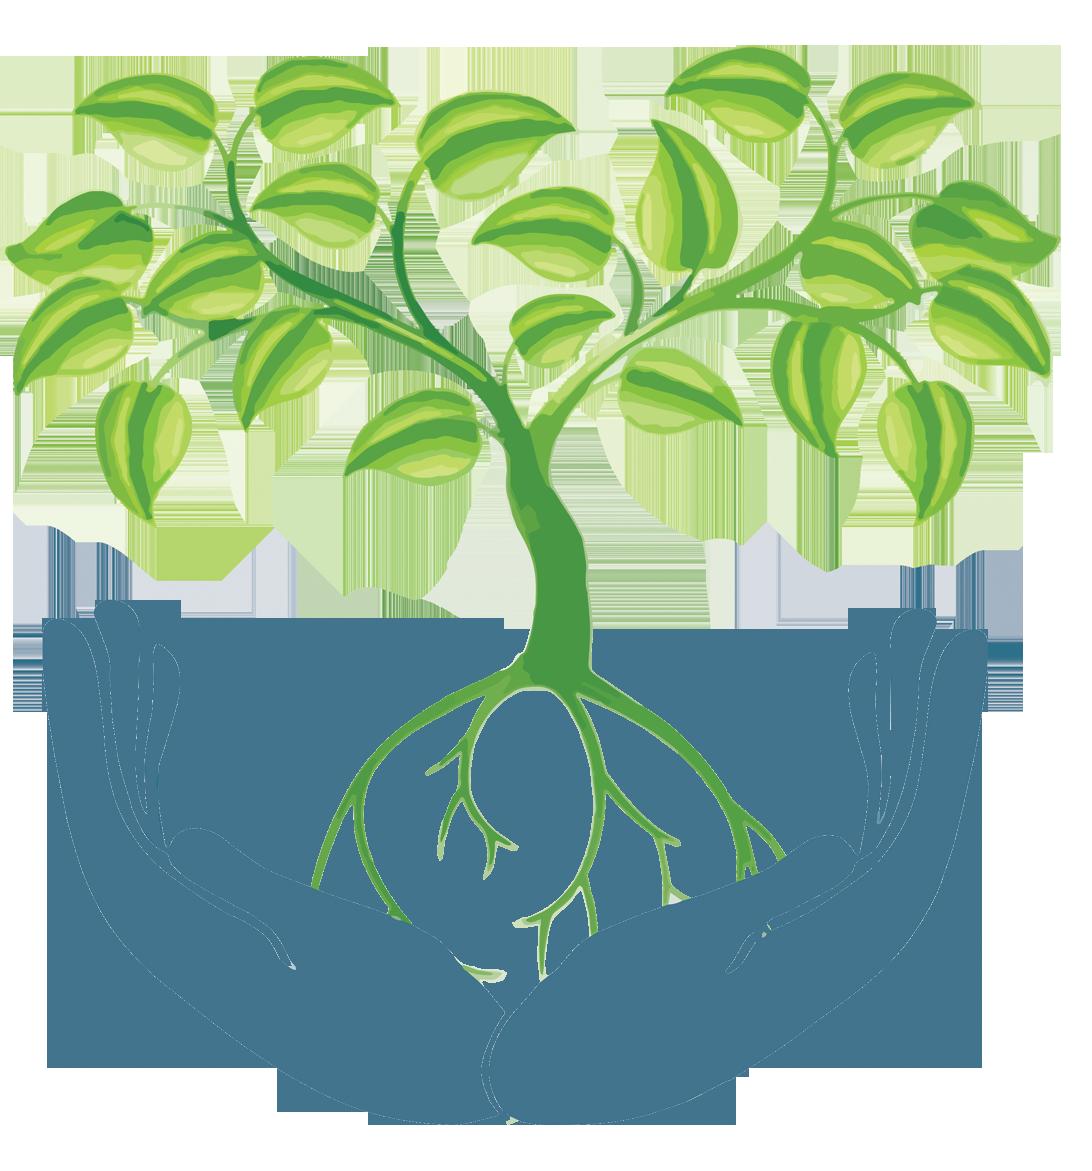 1092x1171 Making The Case For Faithful Generosity Ecumenical Stewardship